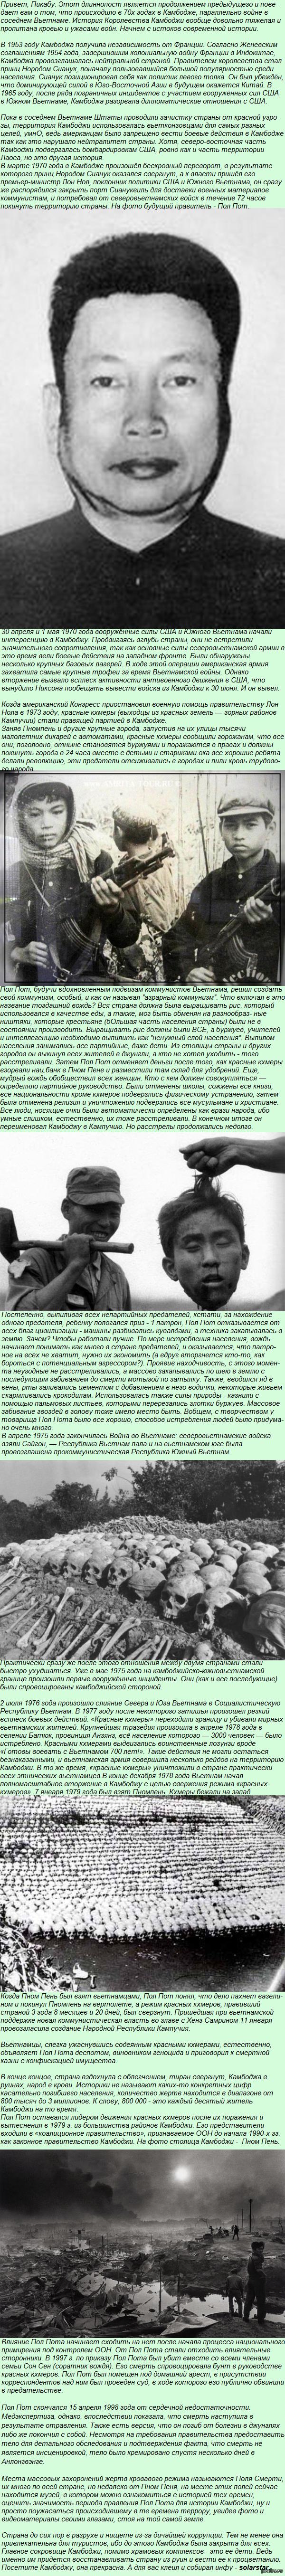 Гражданская война в Камбодже. Красные Кхмеры. Пост является продолжением предыдущего. Здесь описывается конфликт в Камбодже параллельно войне во Вьетнаме и интервенции США.